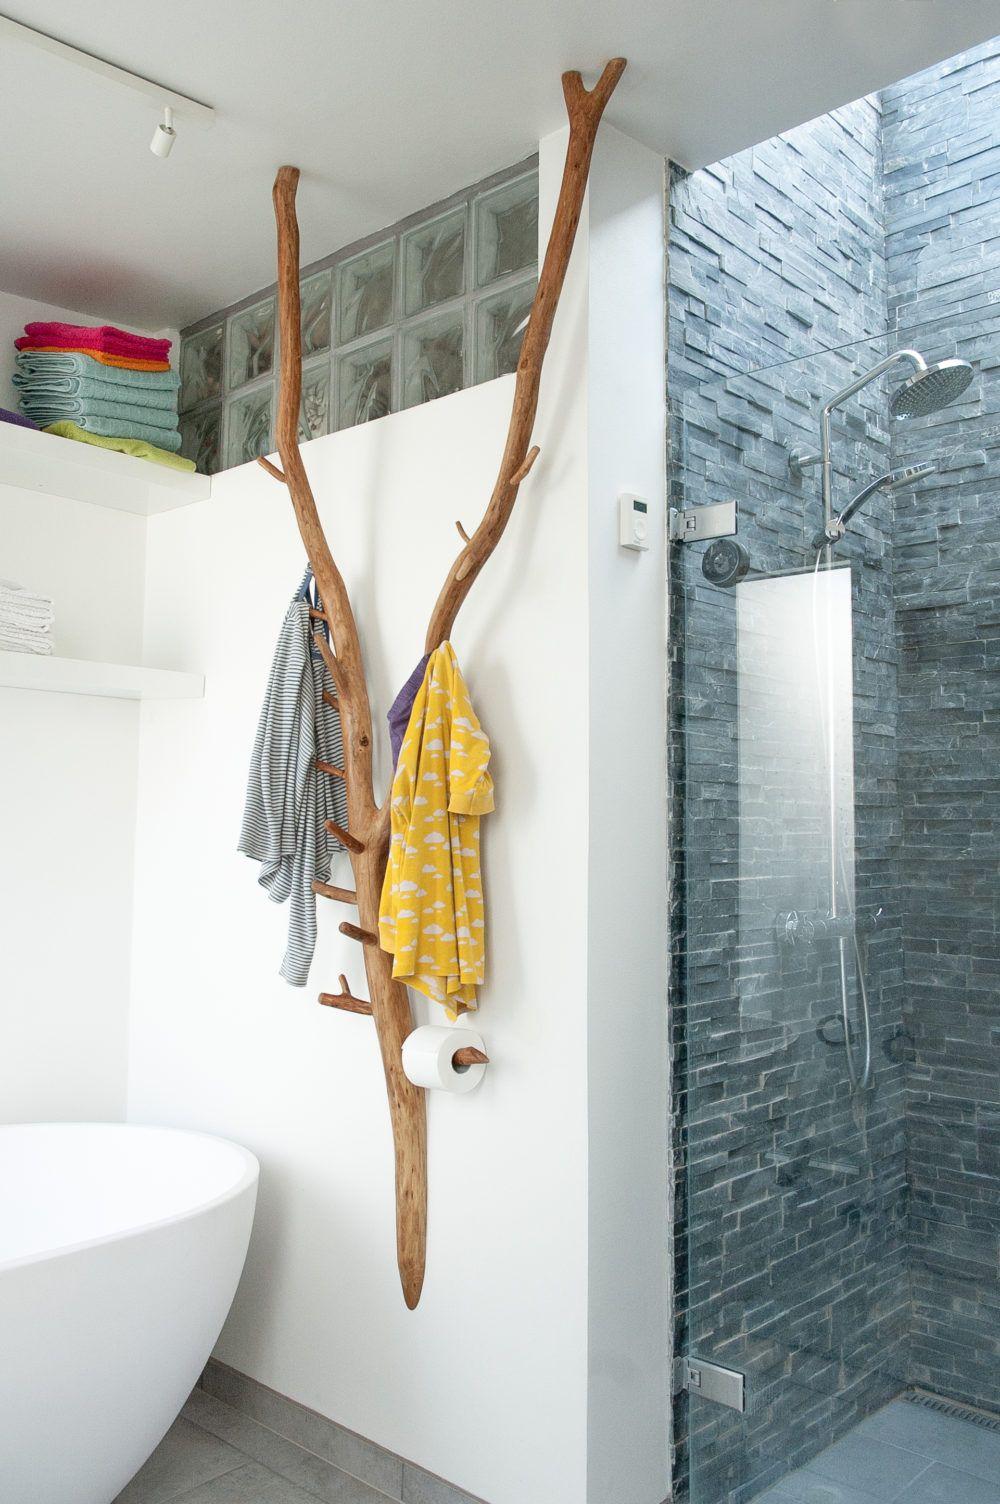 Badbaum Badezimmer Einrichtung Chalet Design Badezimmerideen